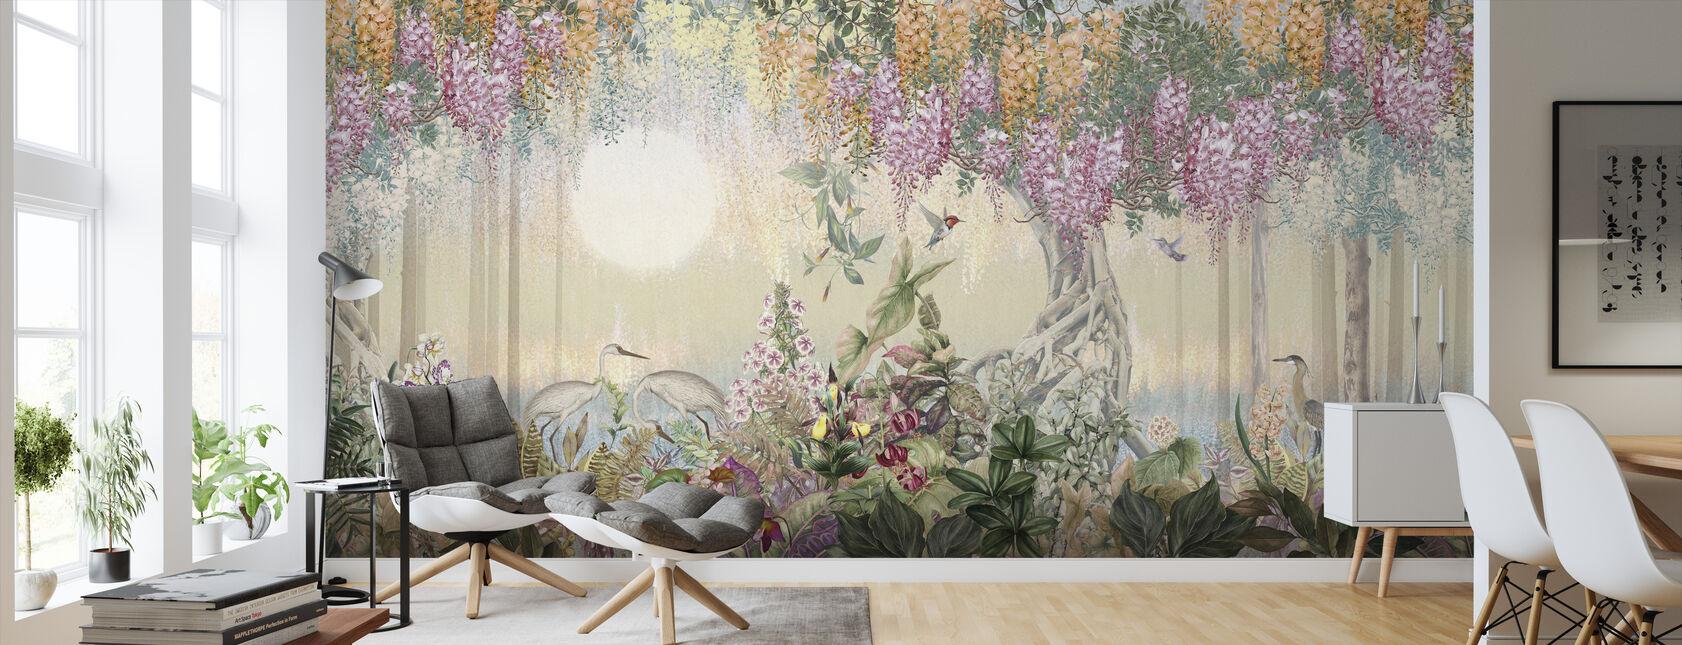 Romanttinen trooppinen metsä - Tapetti - Olohuone